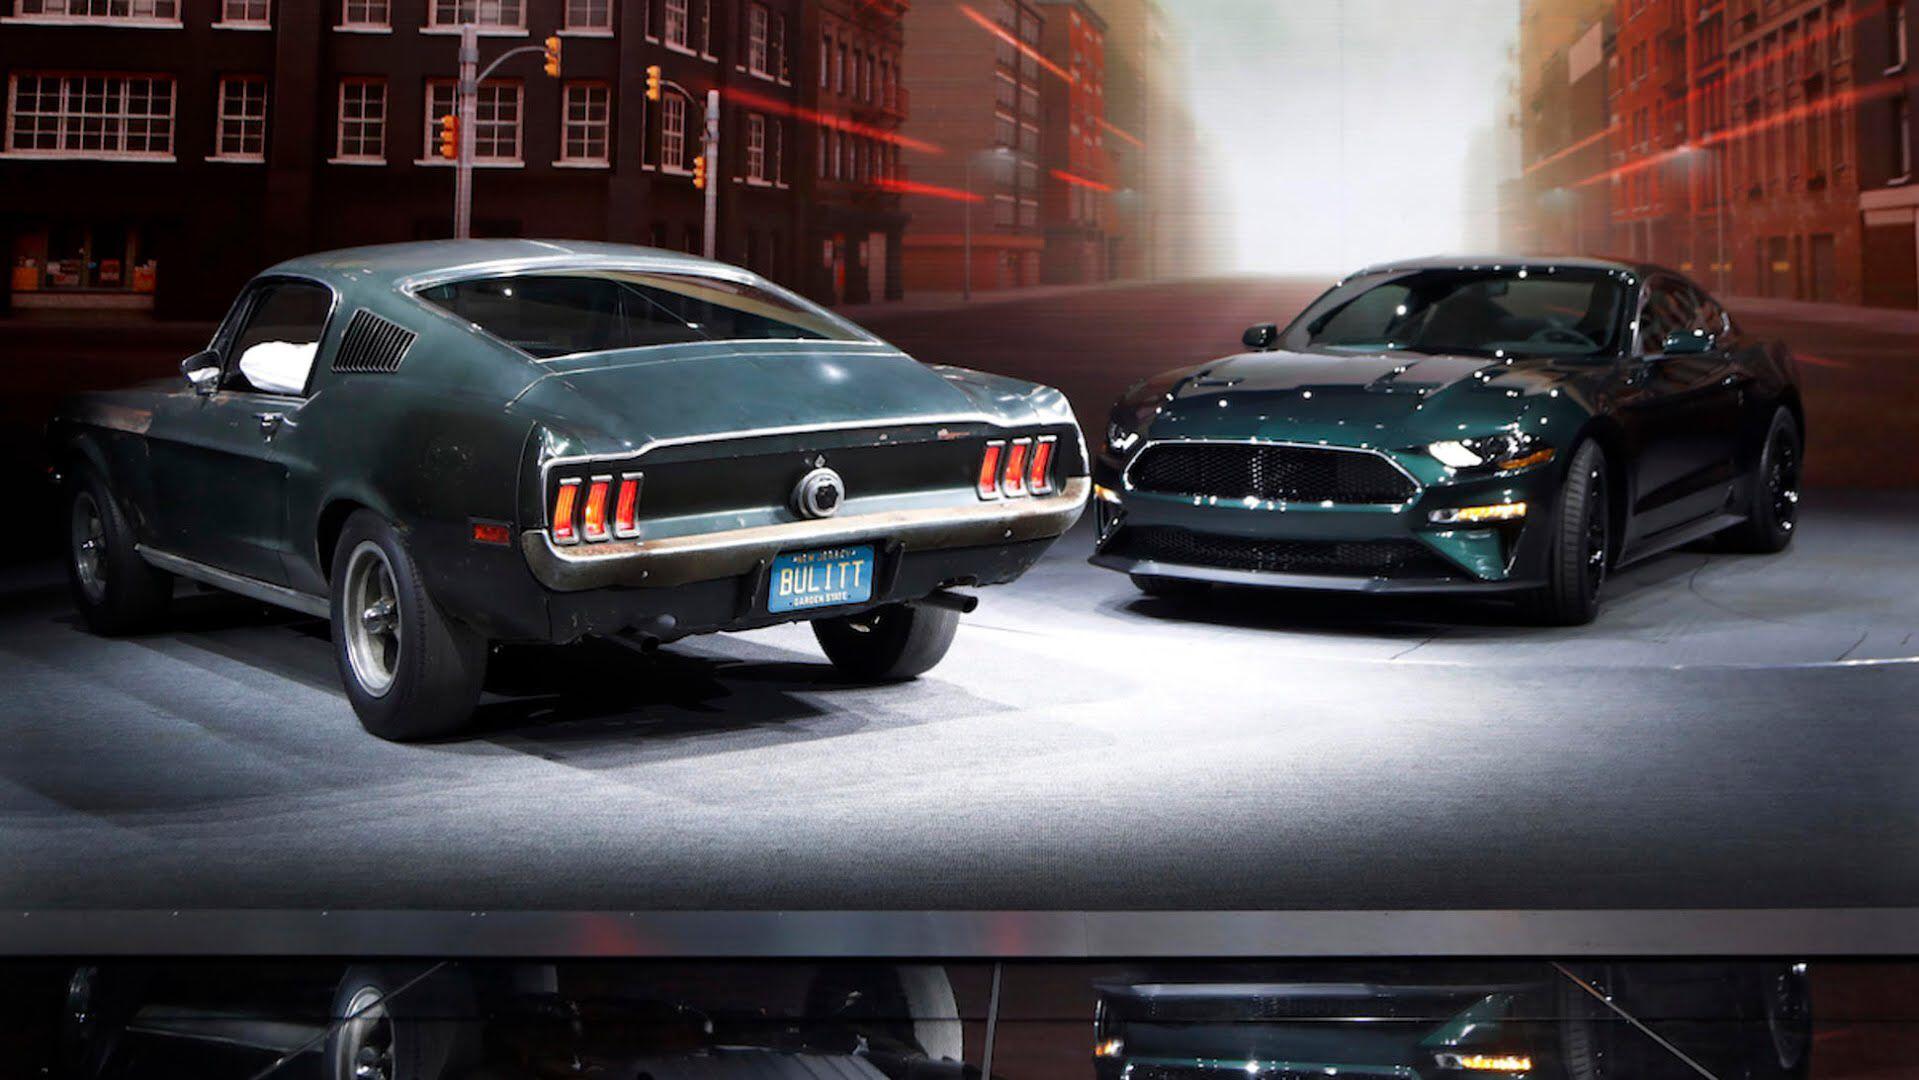 Ford Mustang Old Vs New 50 Years Of Bullitt Mustang Old Ford Mustang Mustang